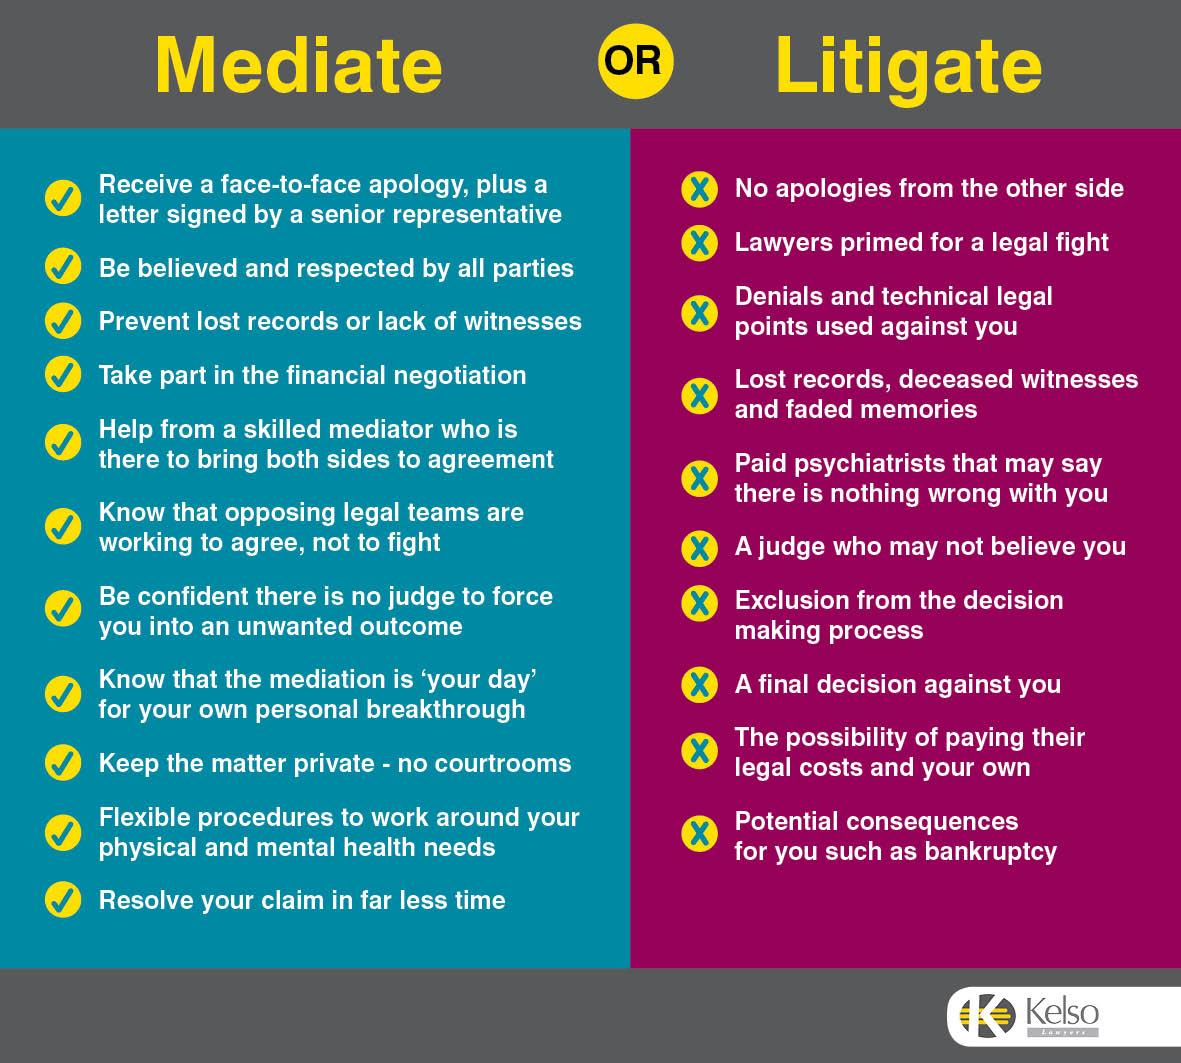 mediate-vs-litigate